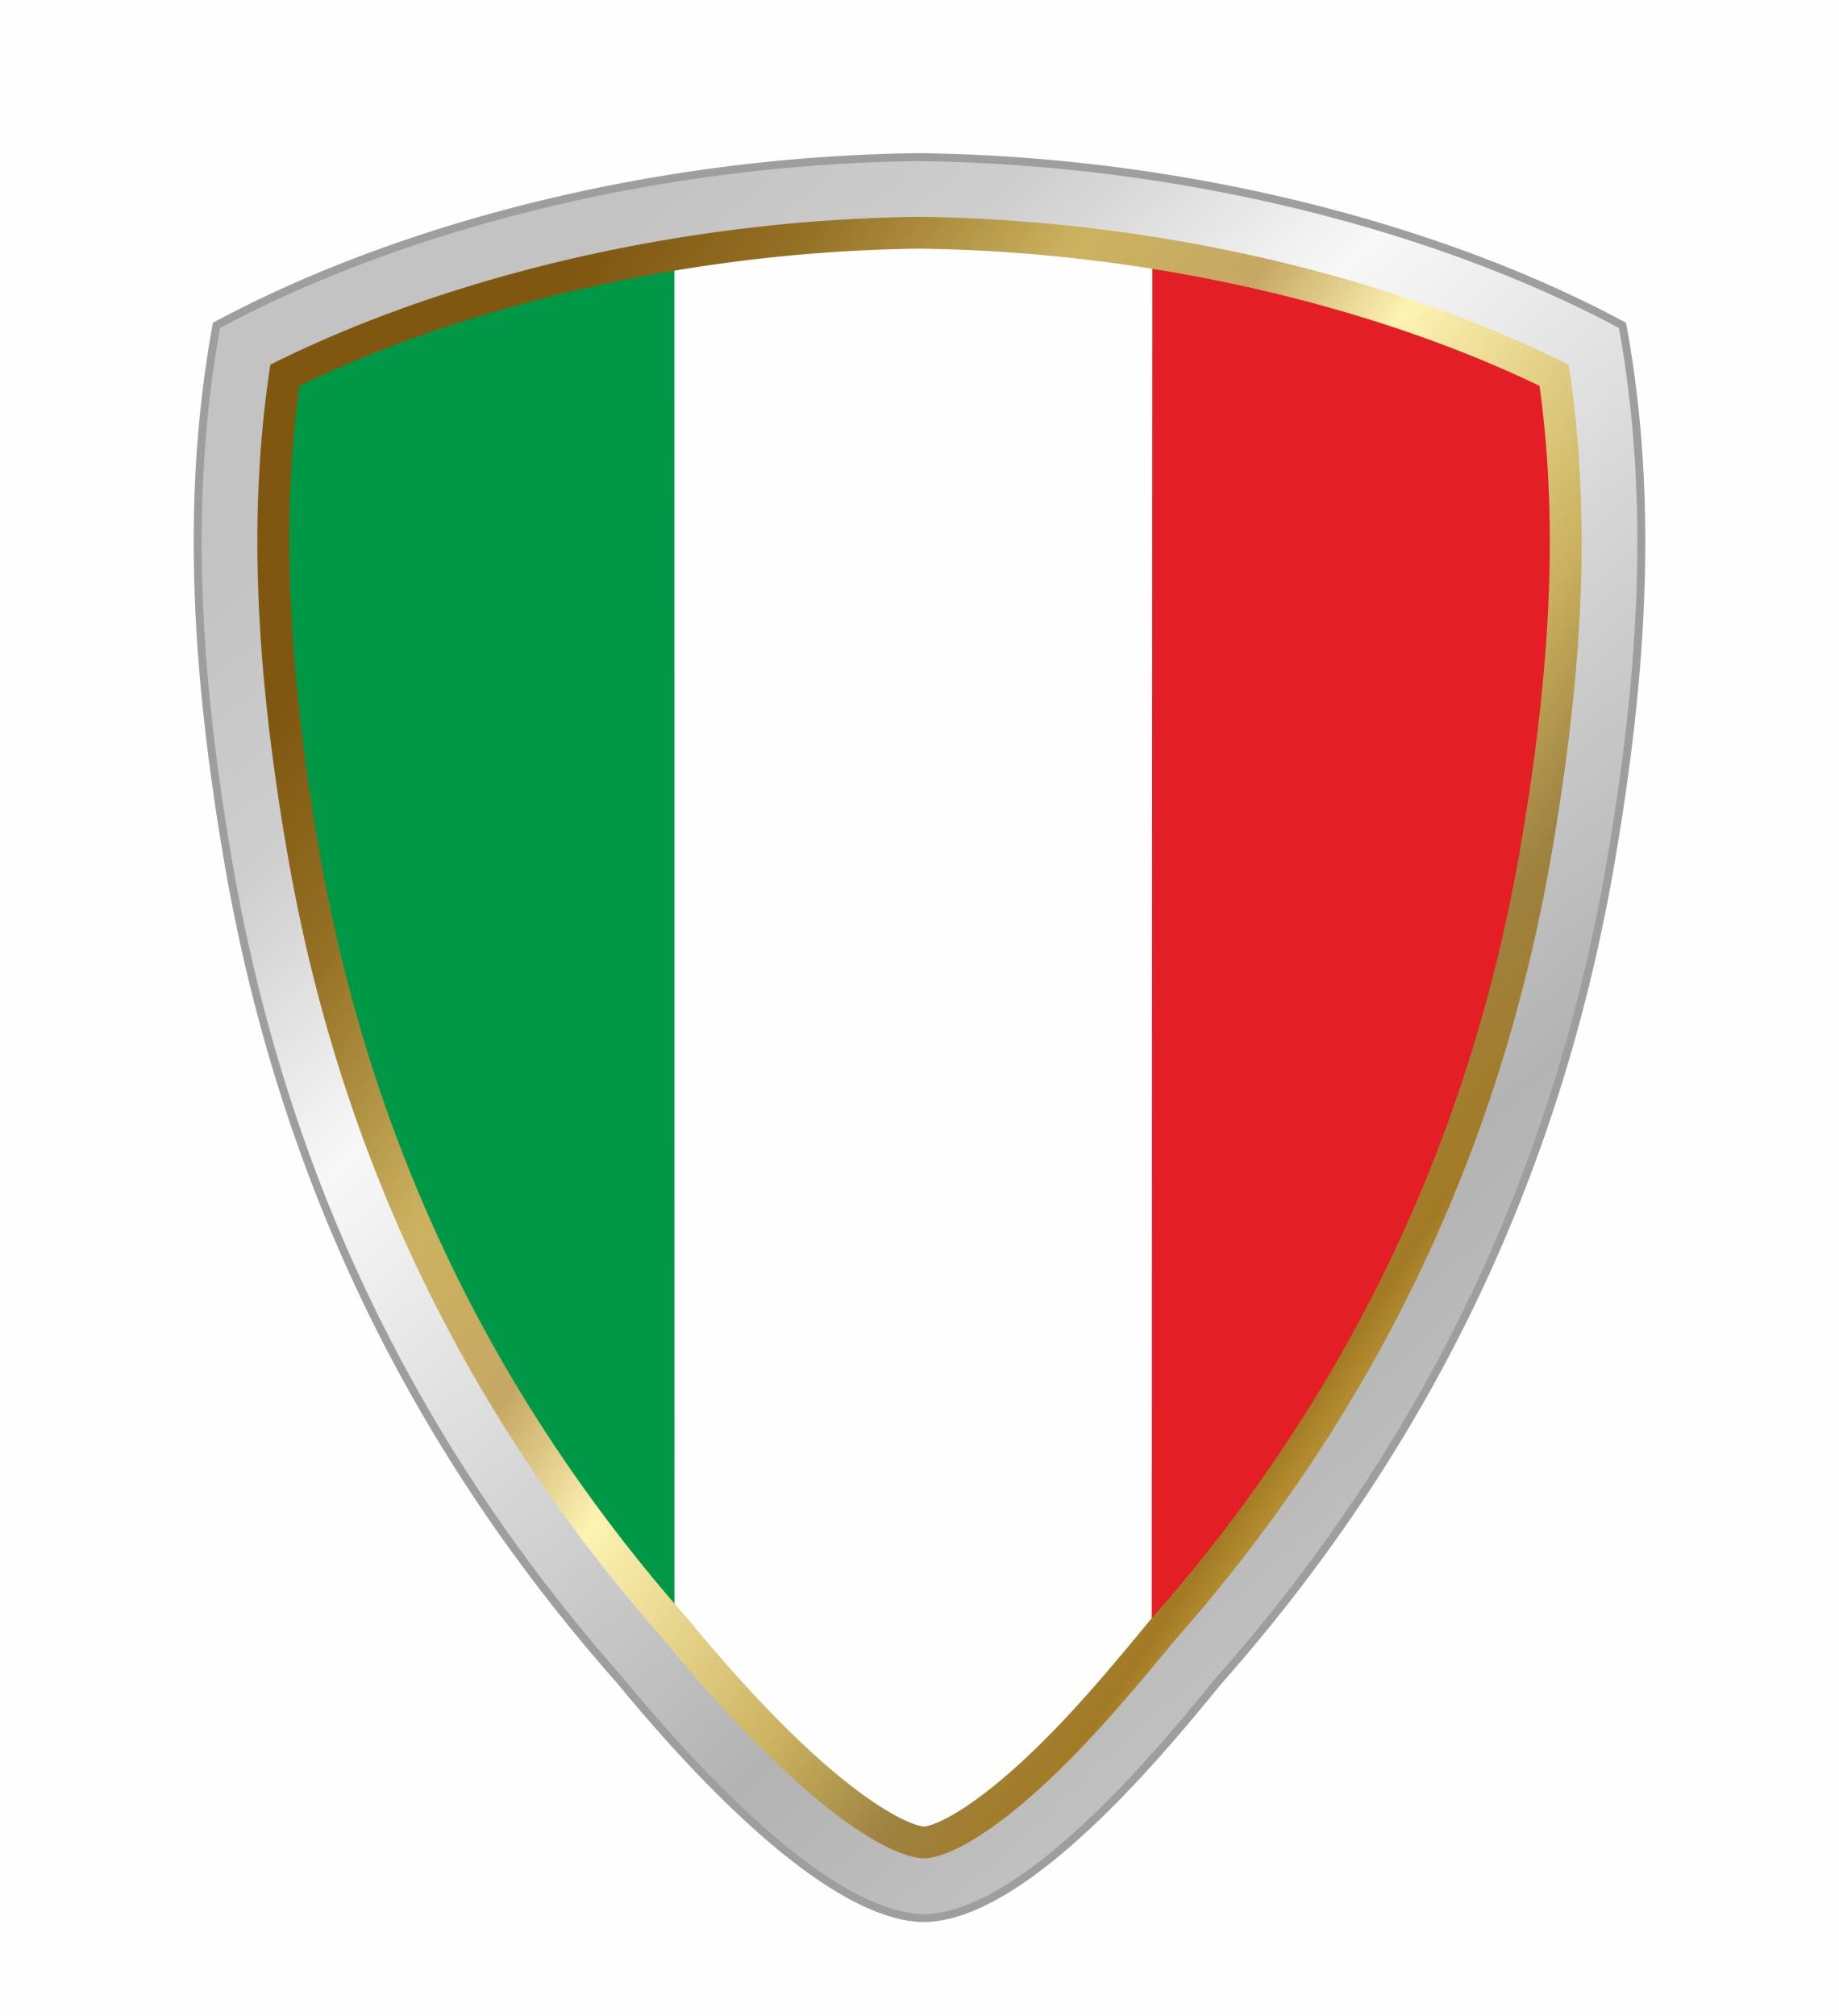 Aufkleber Wappen Italien 60 x 50 mm Hochwertige PVC-Folie – Bild 1